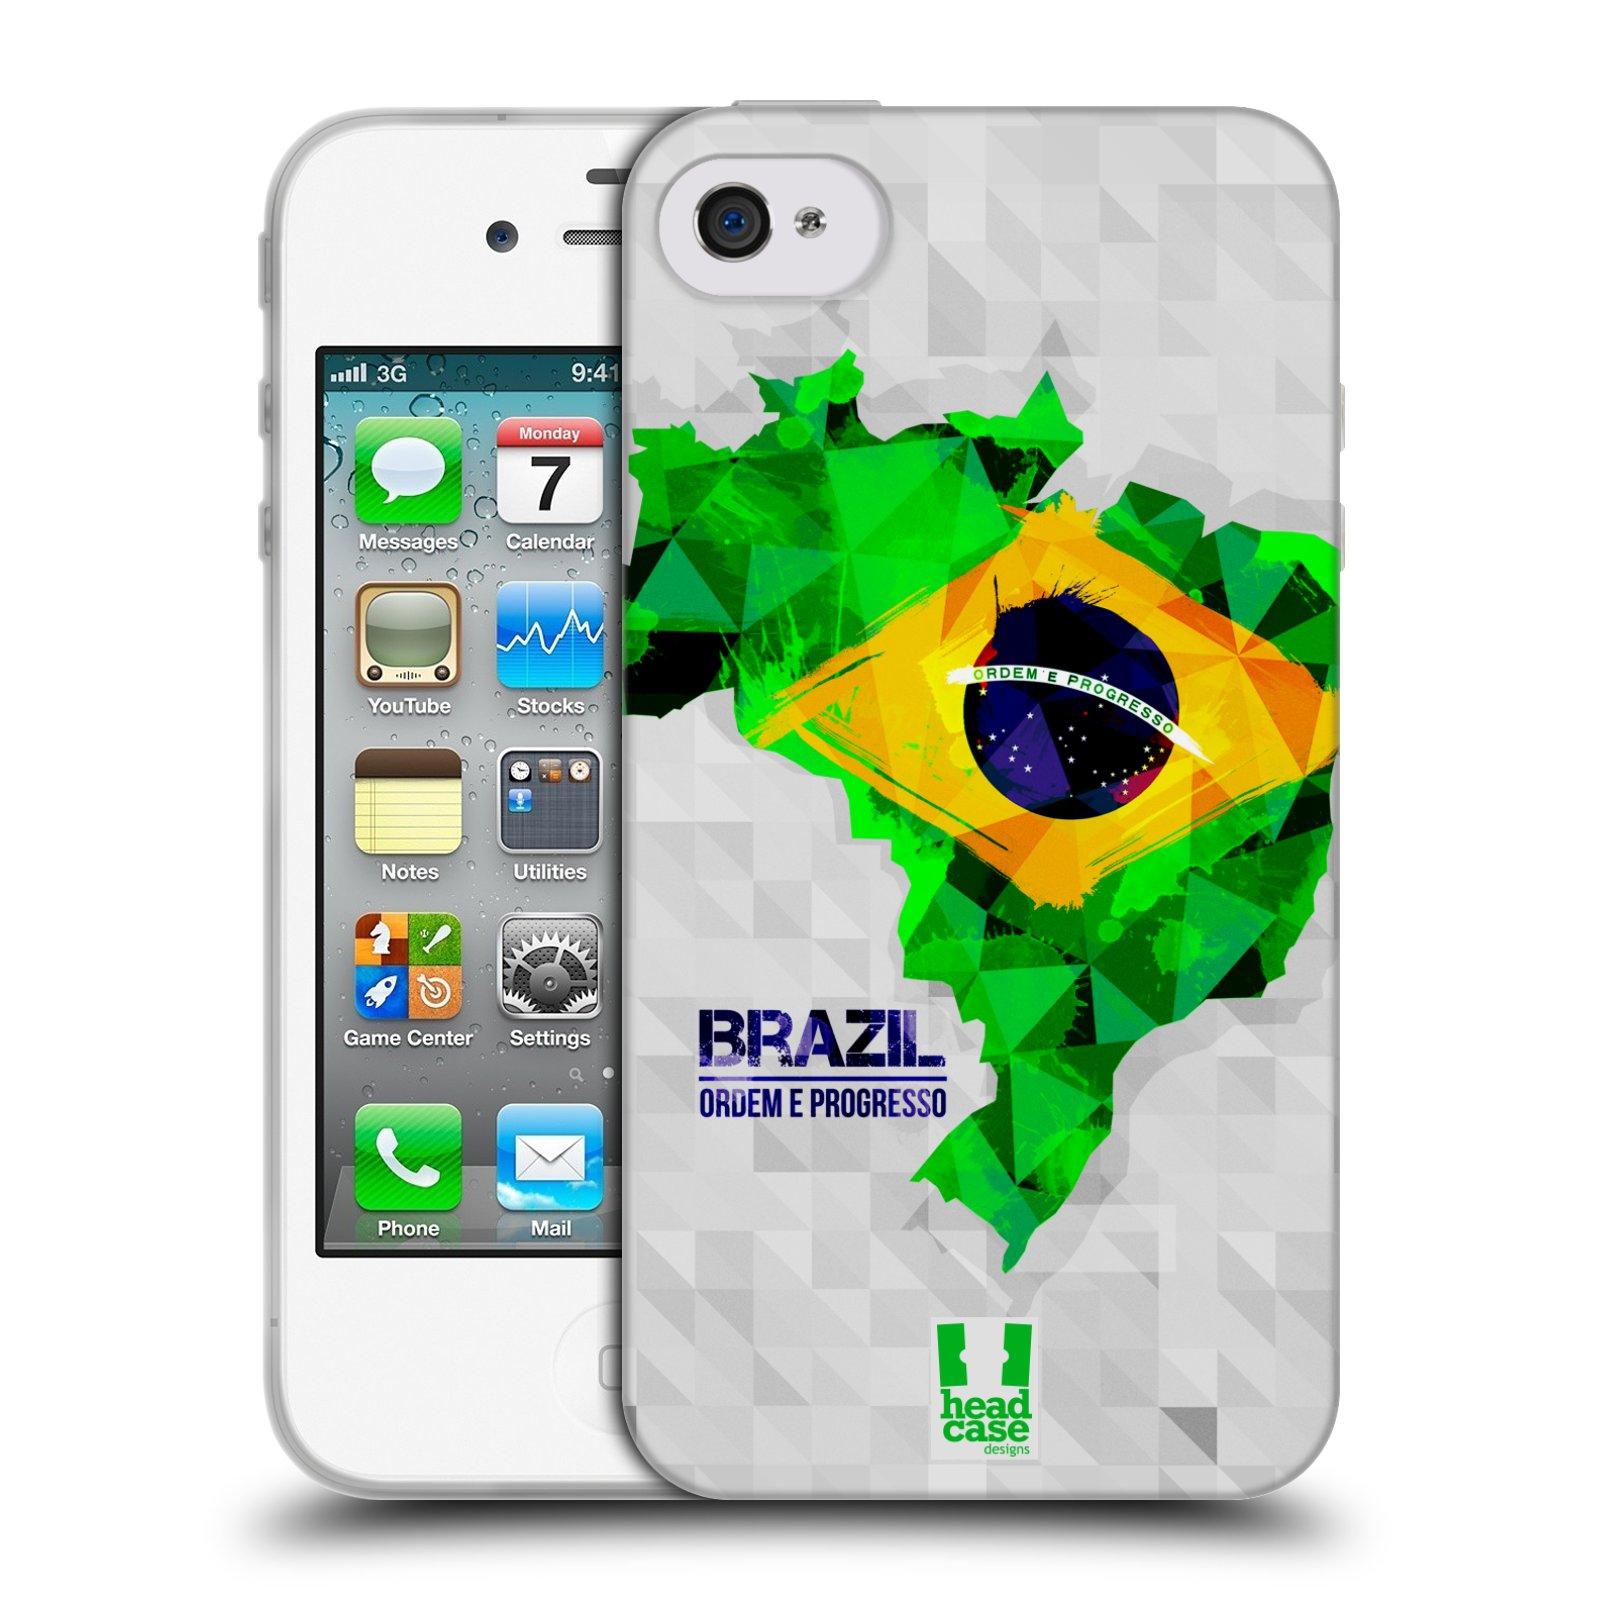 Silikonové pouzdro na mobil Apple iPhone 4 a 4S HEAD CASE GEOMAPA BRAZÍLIE (Silikonový kryt či obal na mobilní telefon Apple iPhone 4 a 4S)